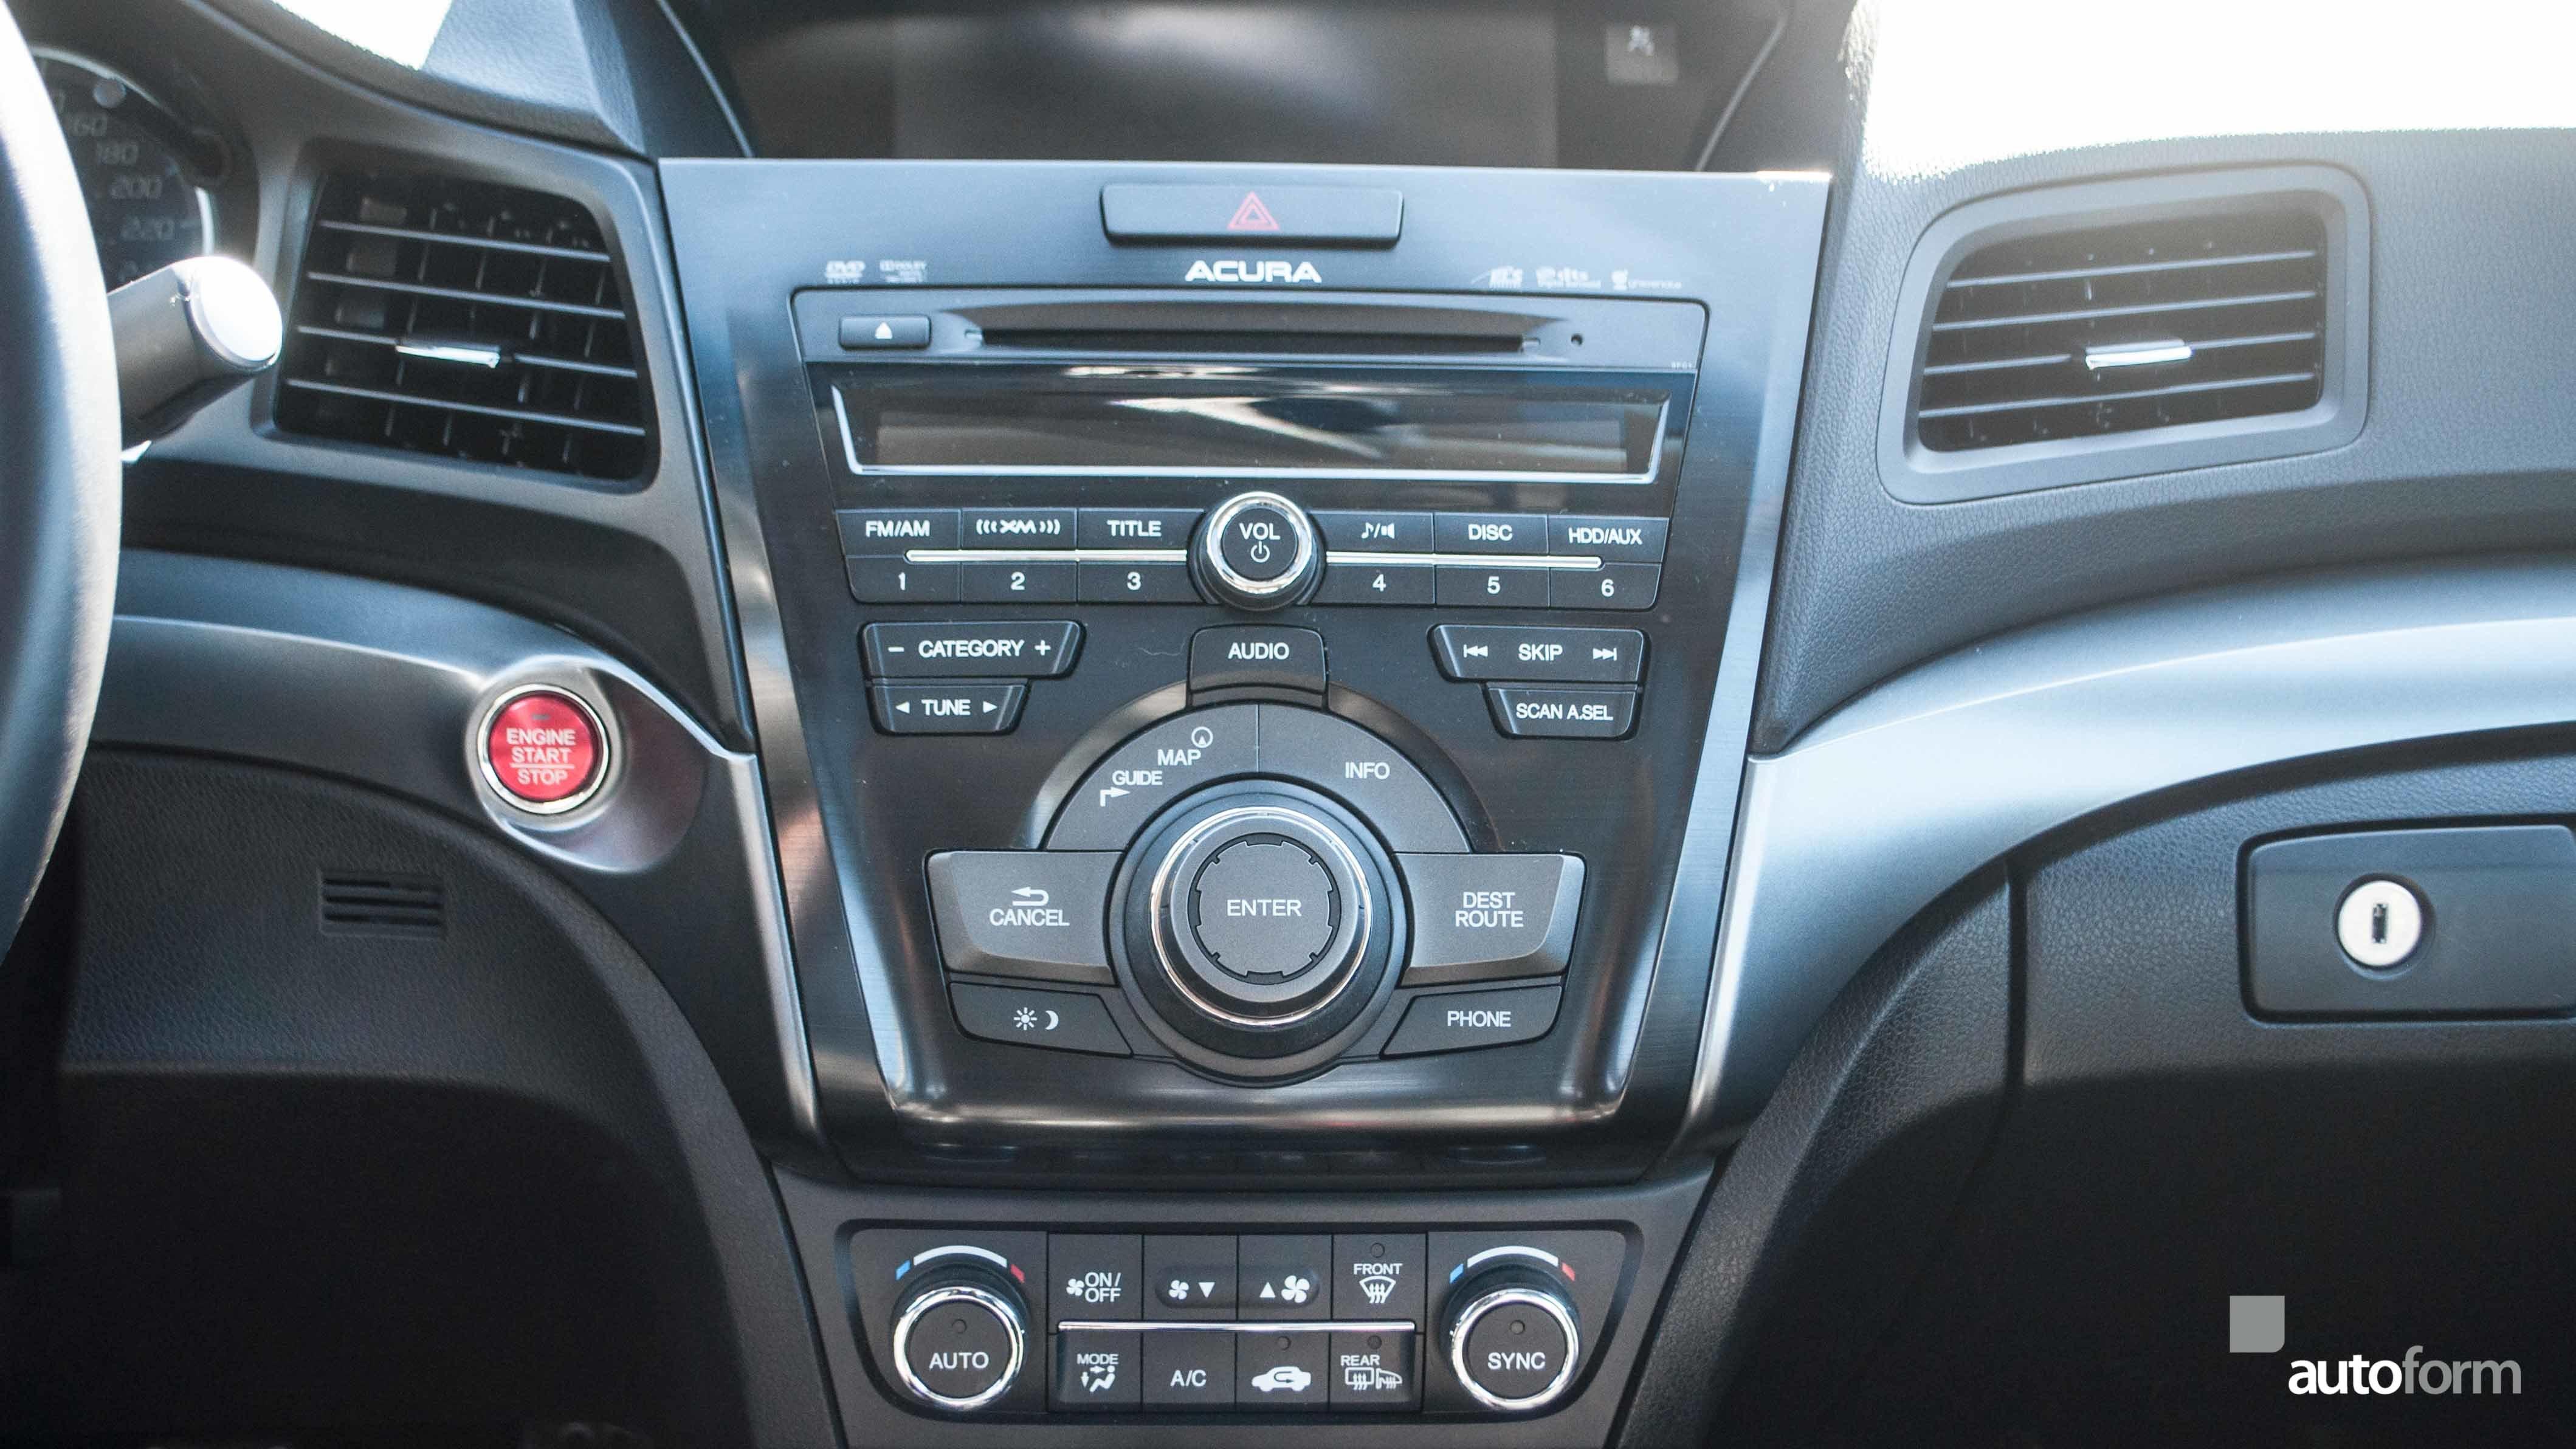 2014 Acura Ilx Dynamic W Navi Autoform